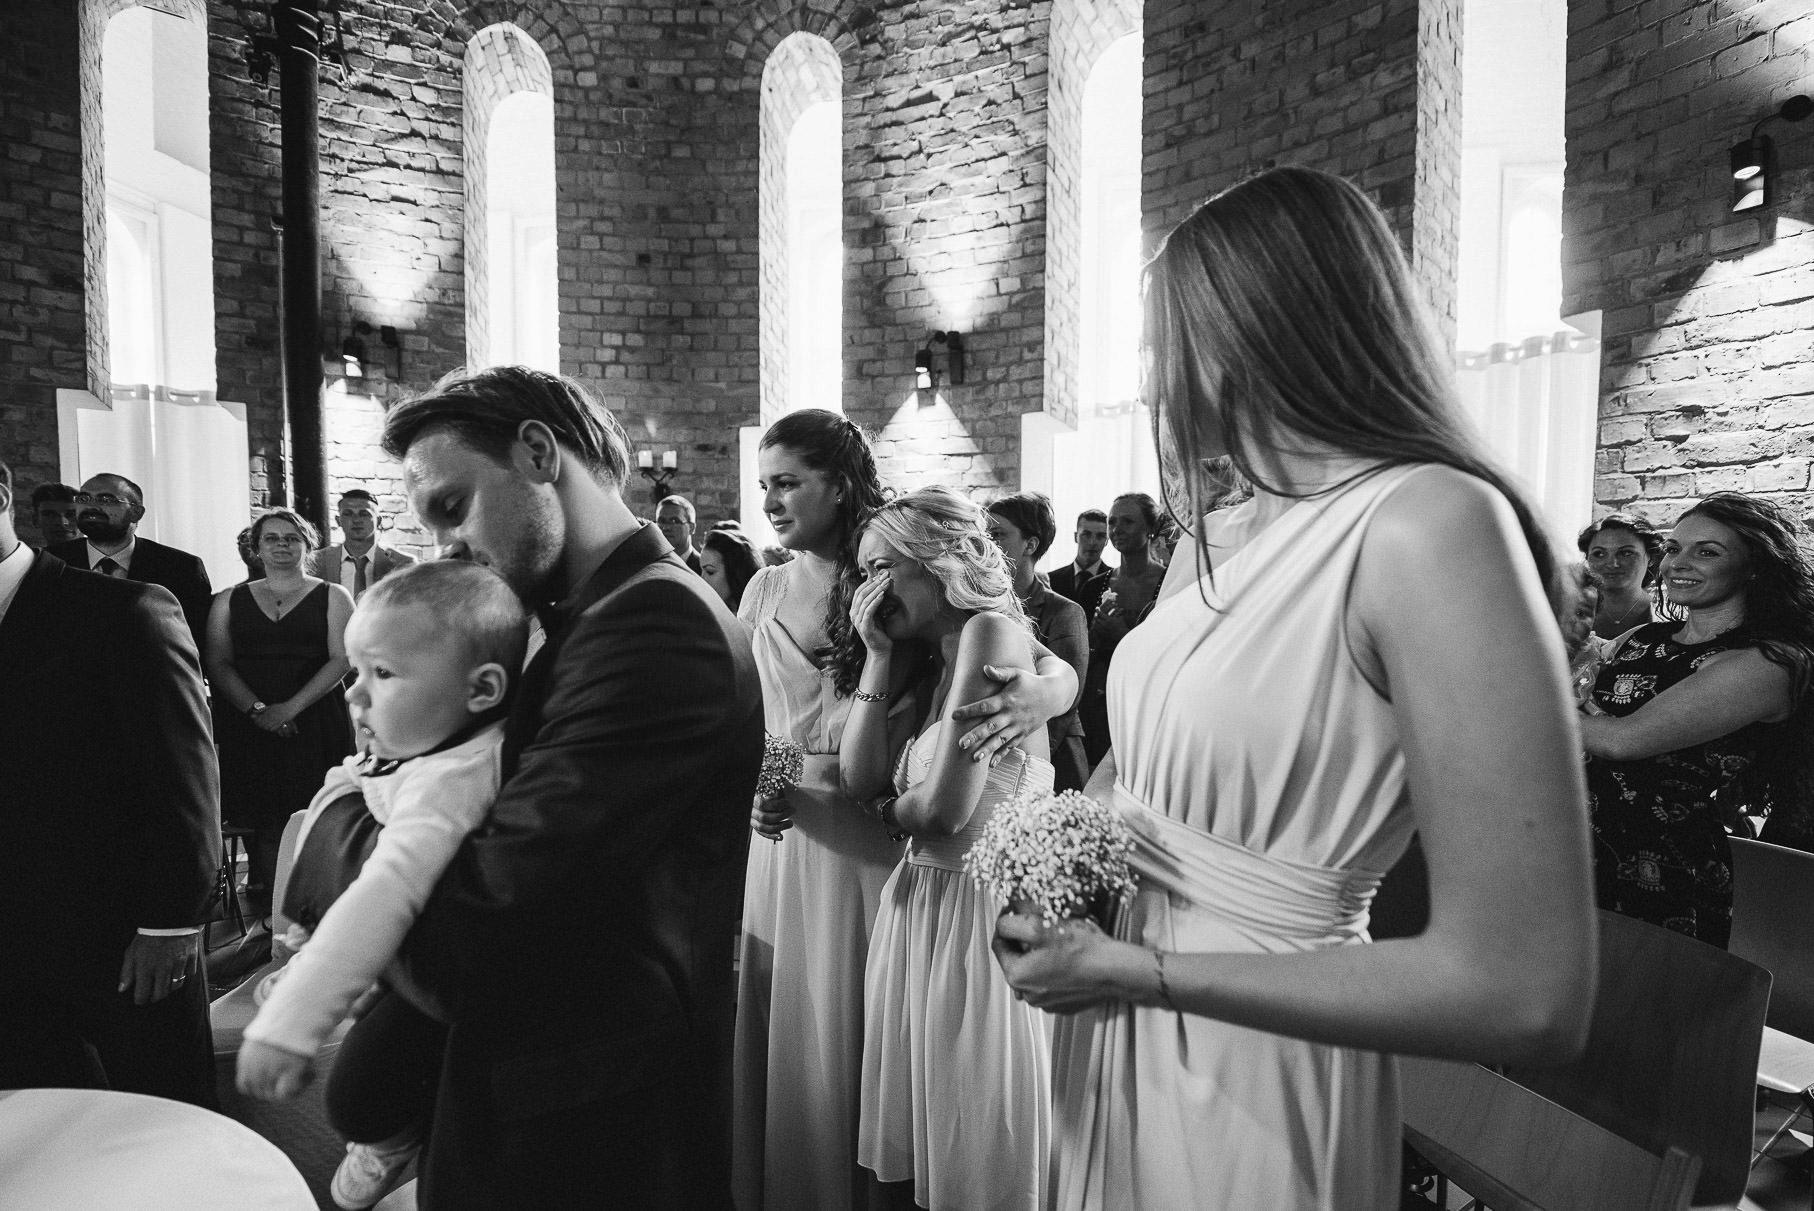 0032 jus 811 9568 - Hochzeit im Wasserturm Lüneburg - Jenny & Sascha